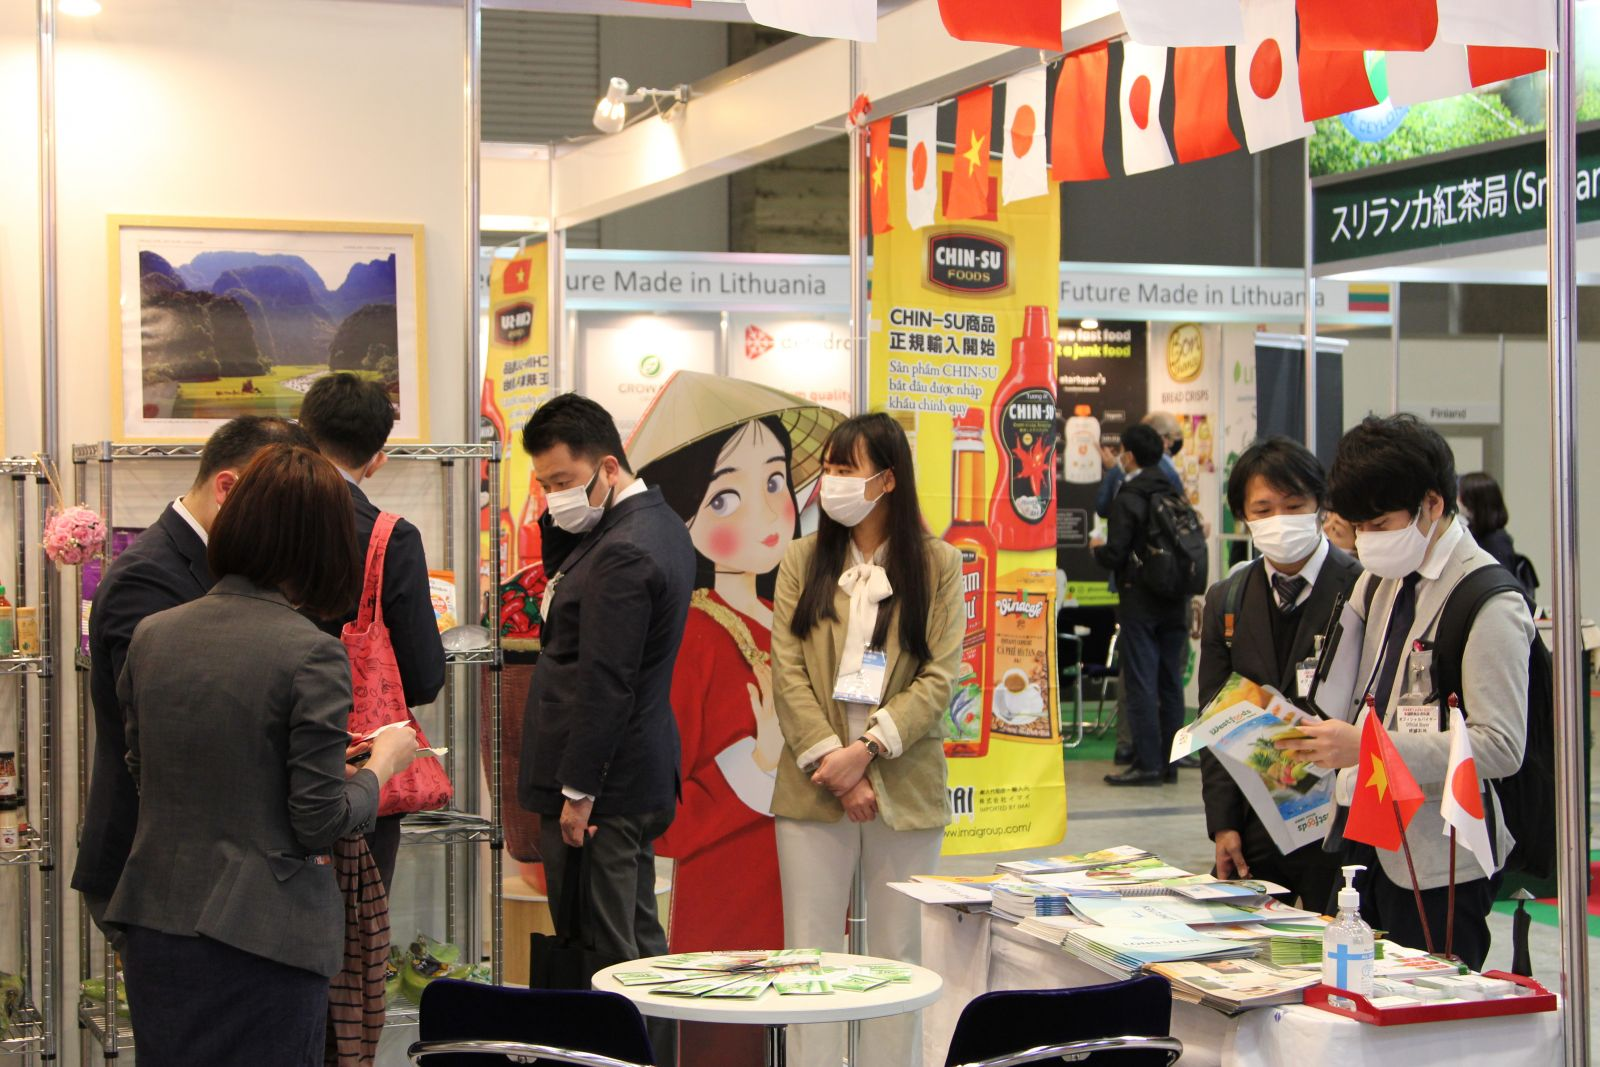 Foodex Japan là một trong những triển lãm quốc tế về thực phẩm và đồ uống lớn nhất Châu Á